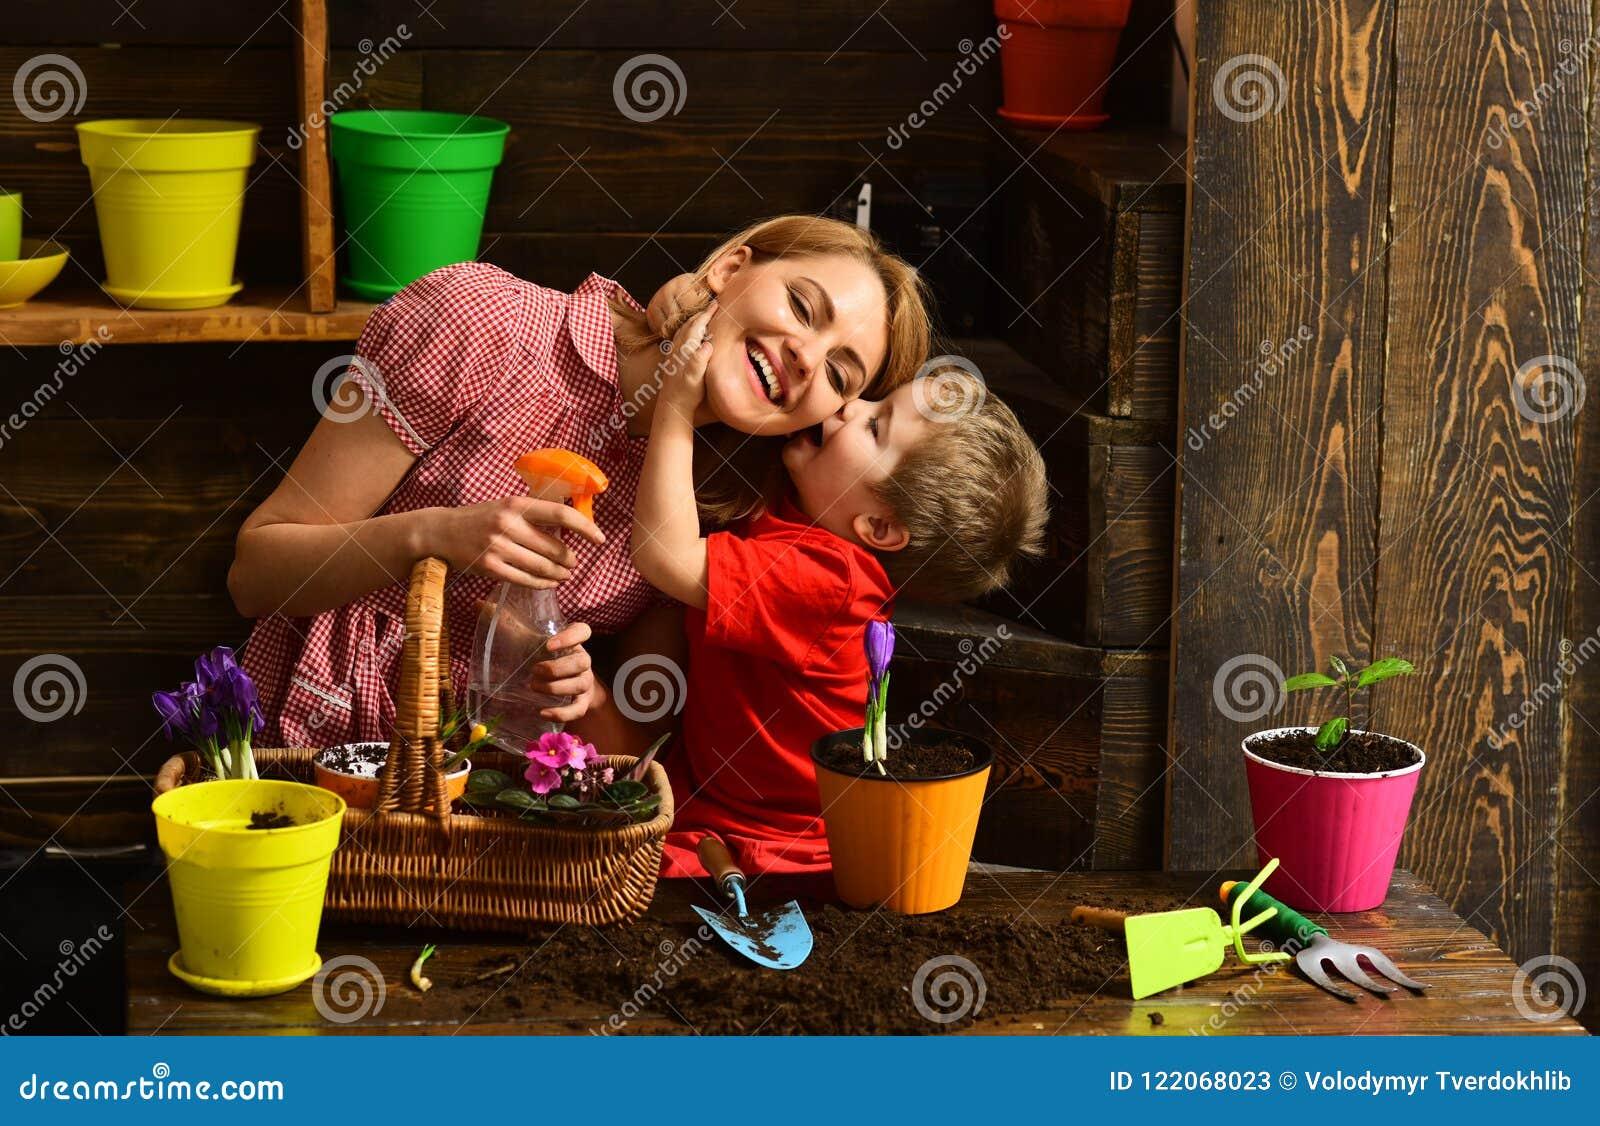 Bloemistconcept Weinig van de de bloemistvrouw van de jong geitjekus bespuitende bloem Huisbloemist op het werk Bloemistwinkel